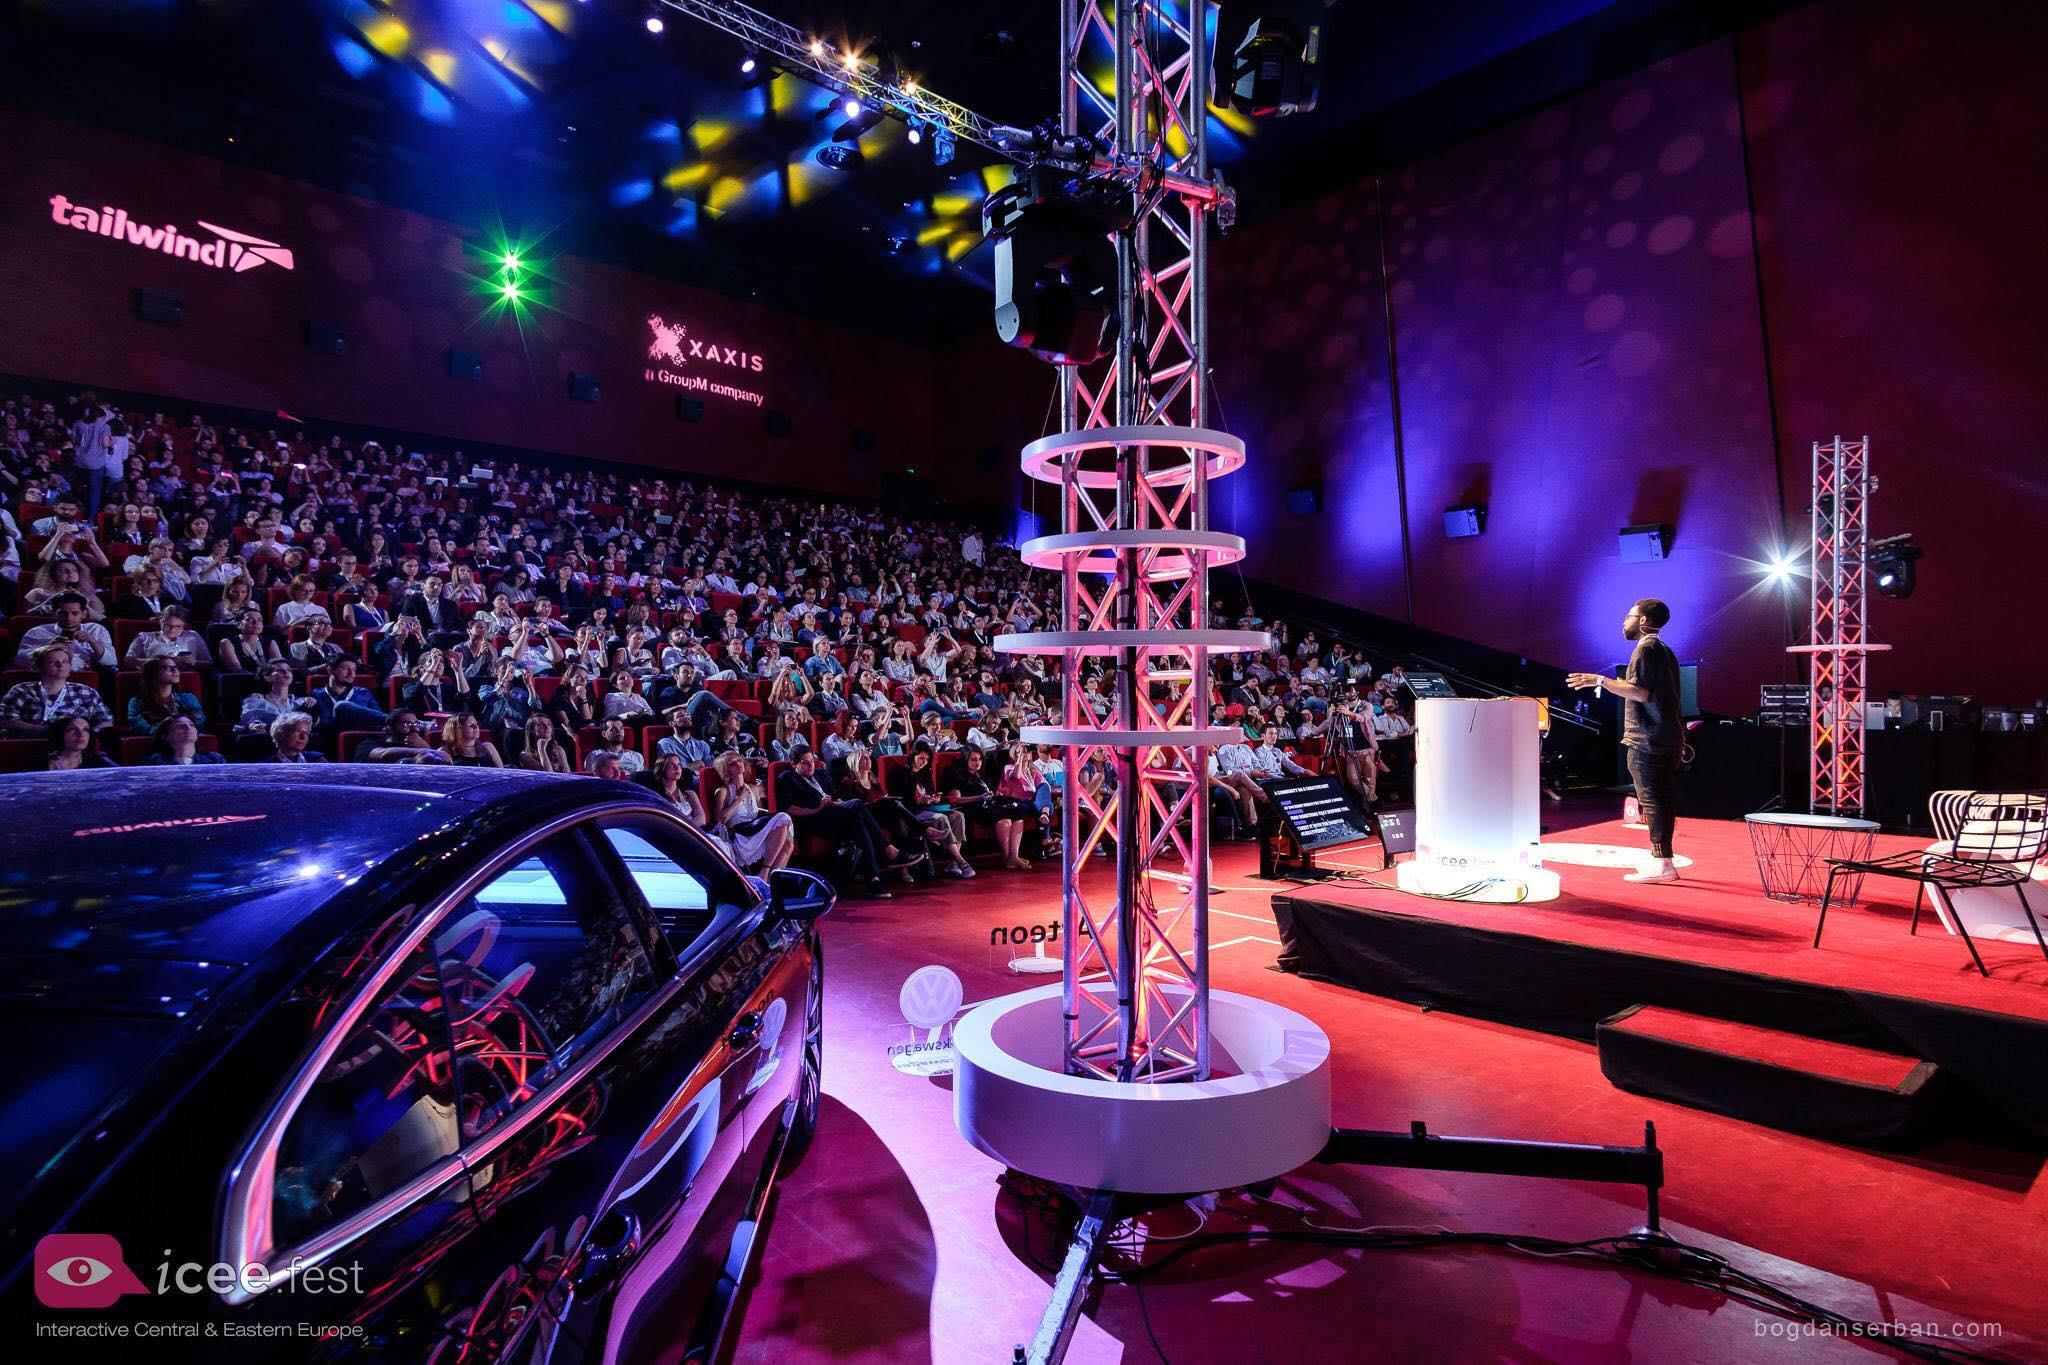 Google si Facebook vin la Bucuresti cu cel mai mare număr de speakeri si traineri din istoria de 8 ani a evenimentului iCEE.fest: UPGRADE 100